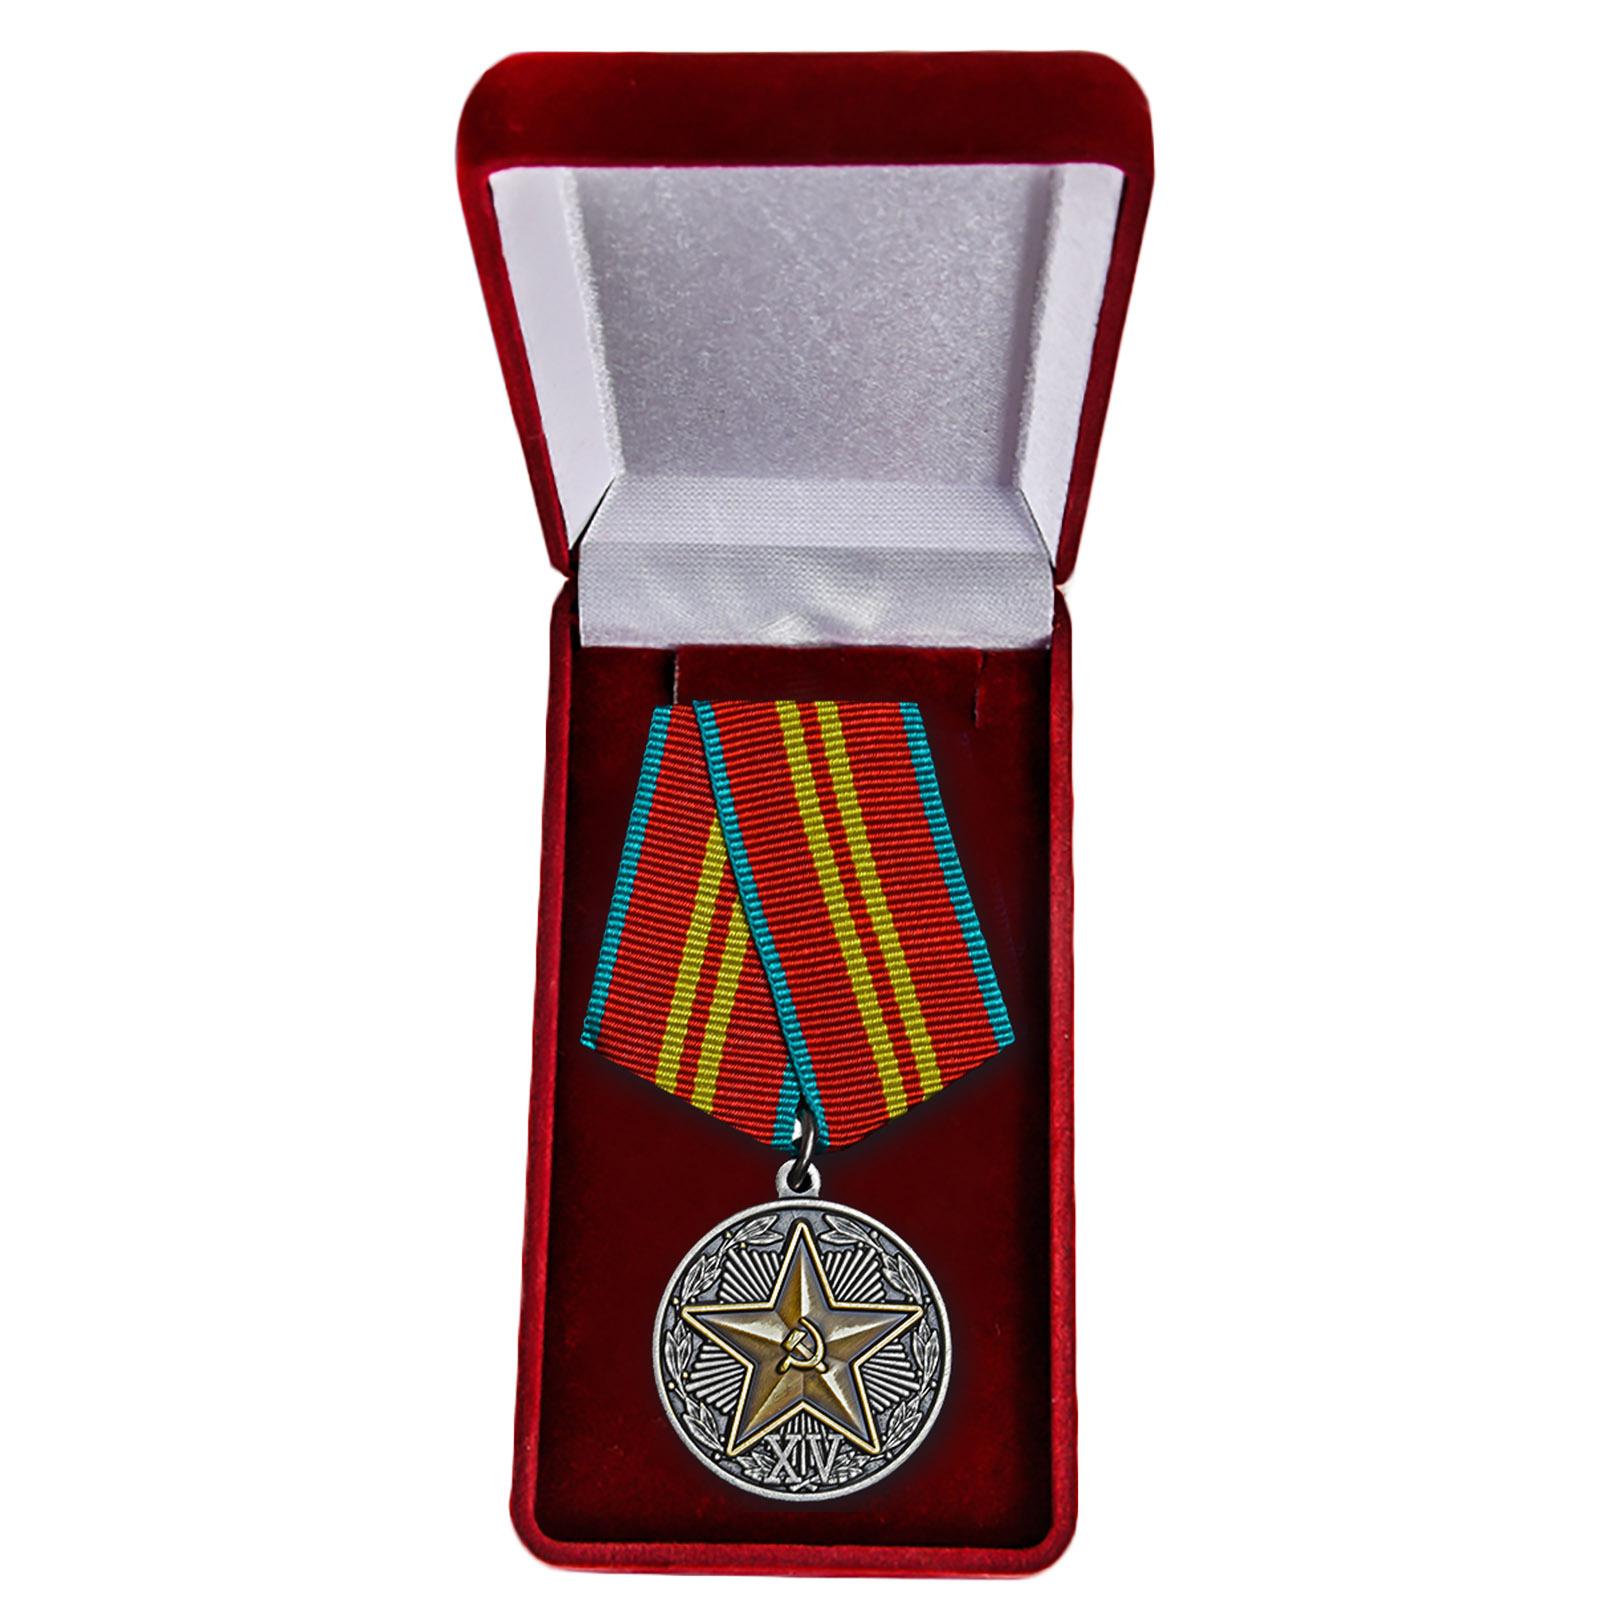 """Медаль """"За безупречную службу"""" КГБ в футляре"""